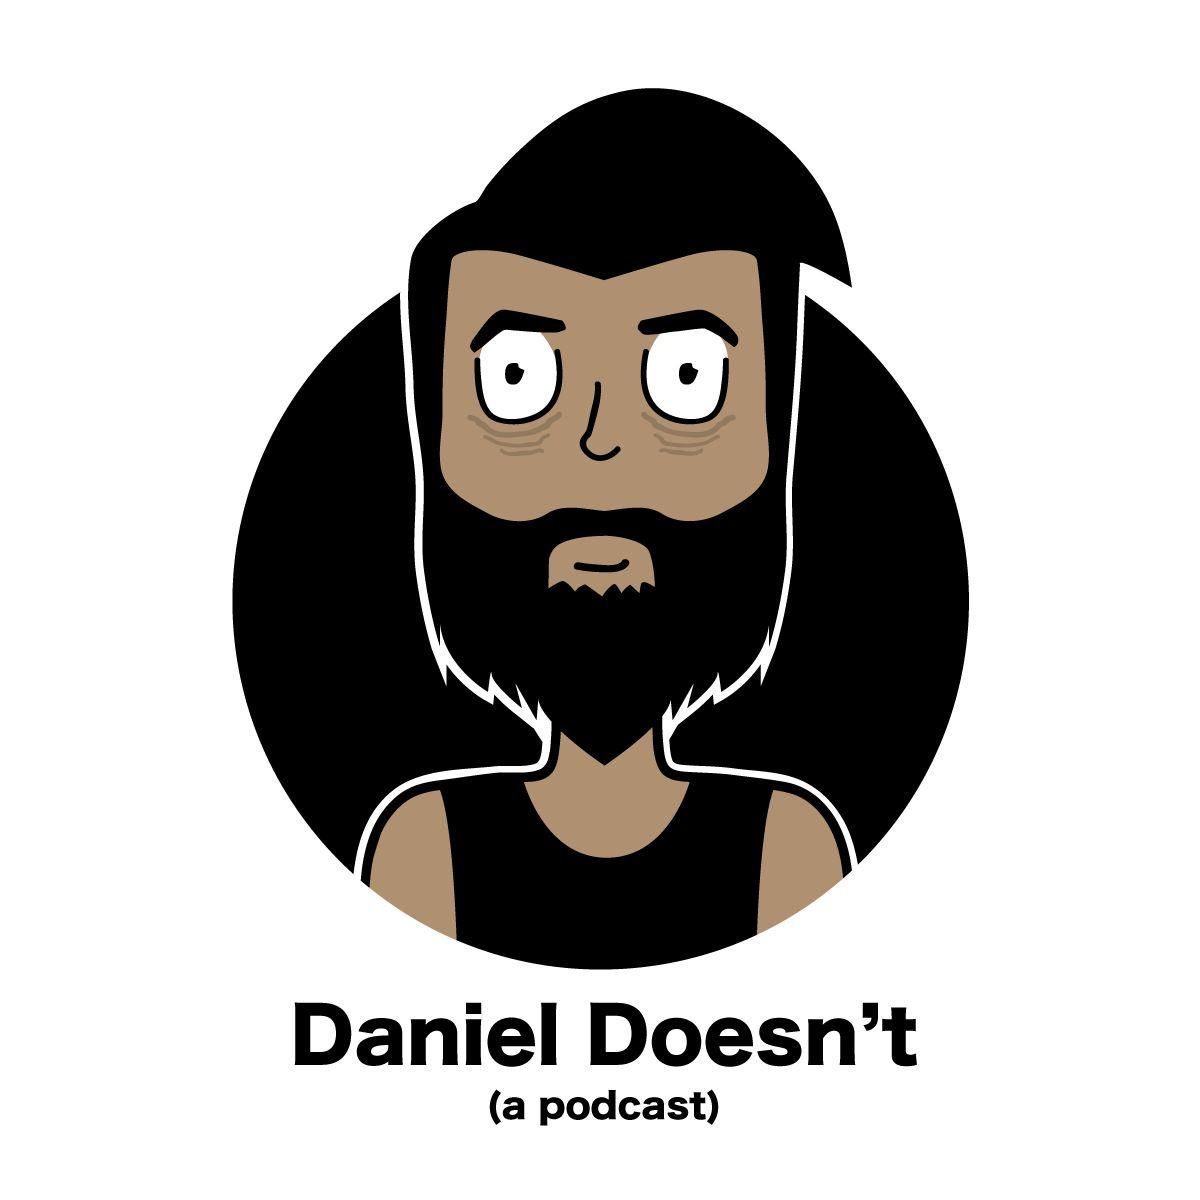 Daniel Doesn't